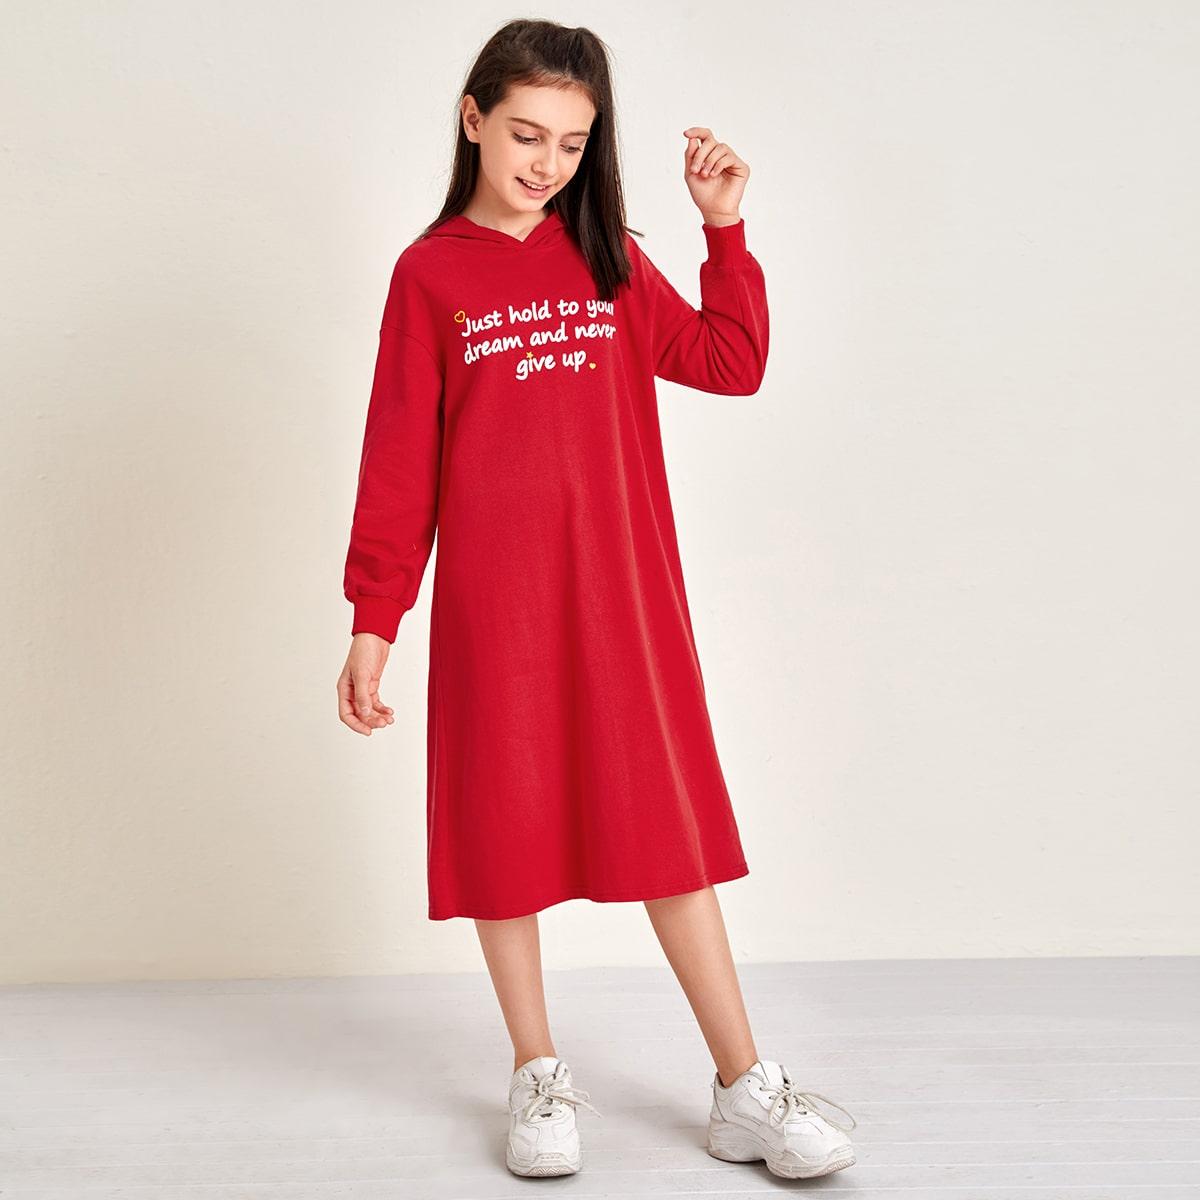 Свитшот-платье с капюшоном и текстовым принтом для девочек